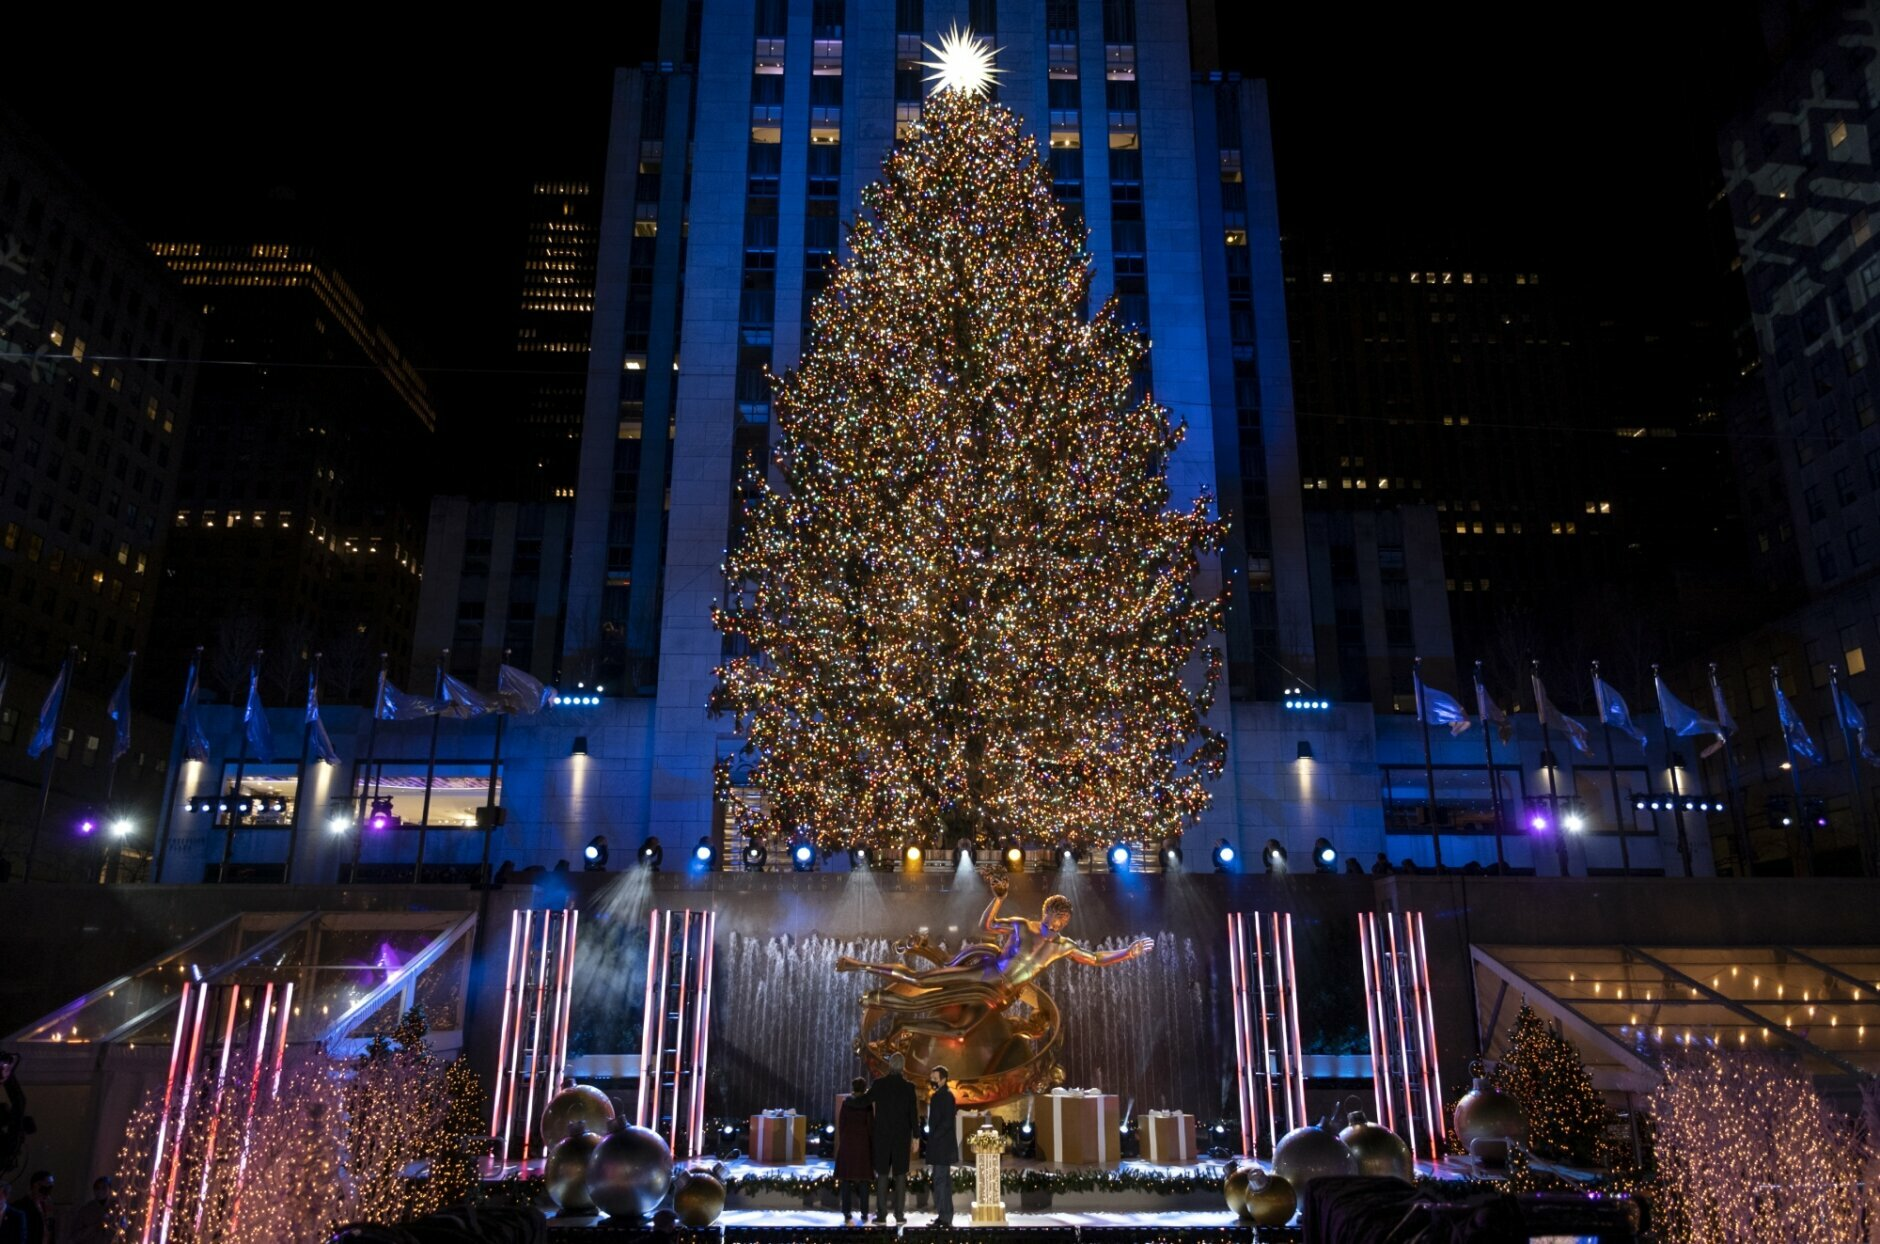 rockefeller center christmas tree turns